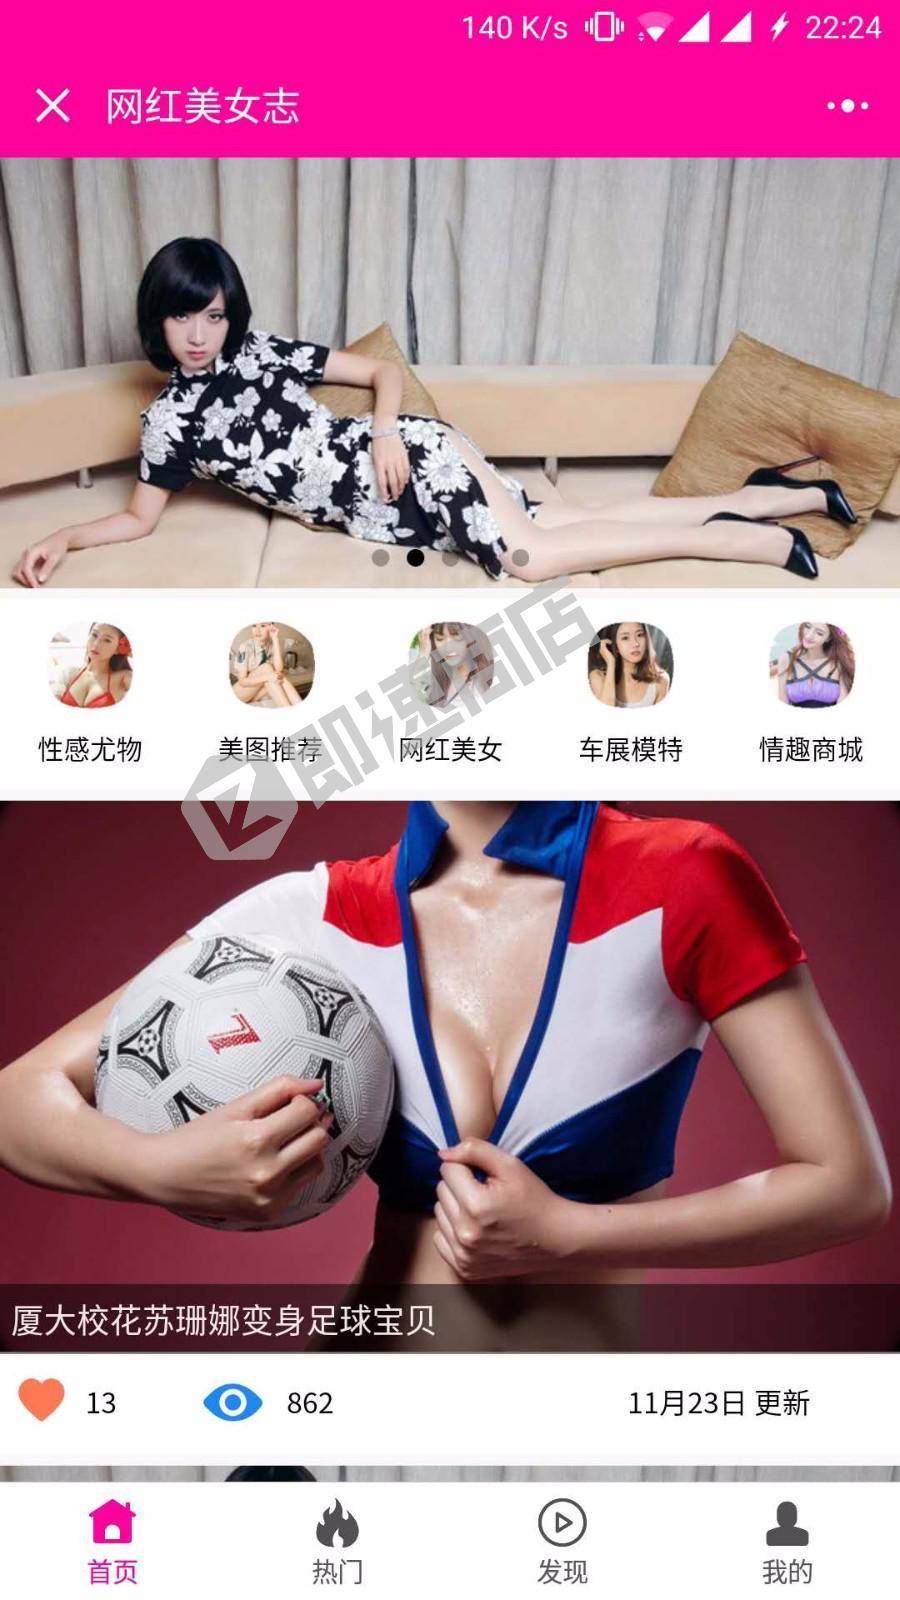 网红美女志小程序首页截图